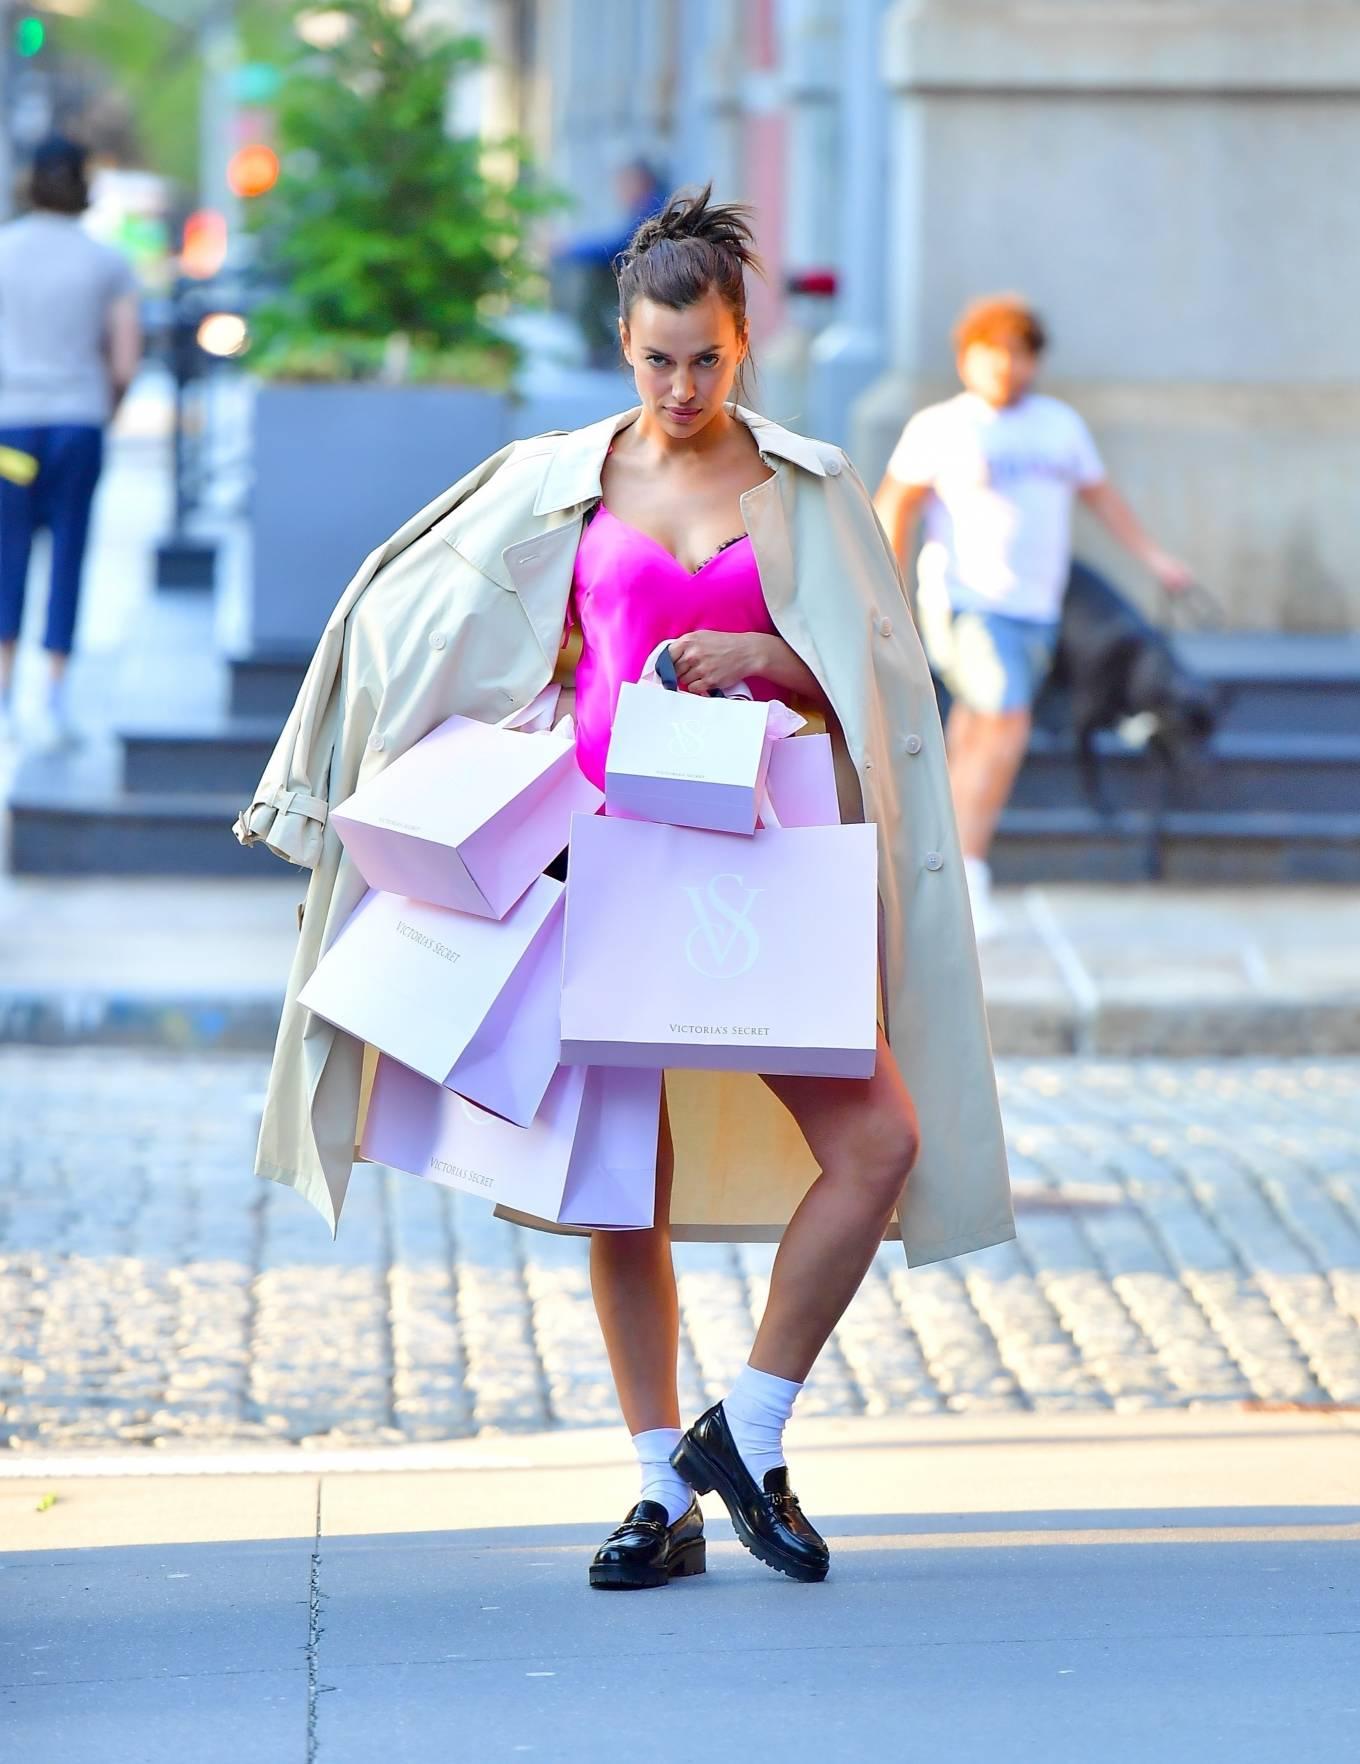 Irina Shayk 2021 : Irina Shayk – Victorias Secret photoshoot in New York-18